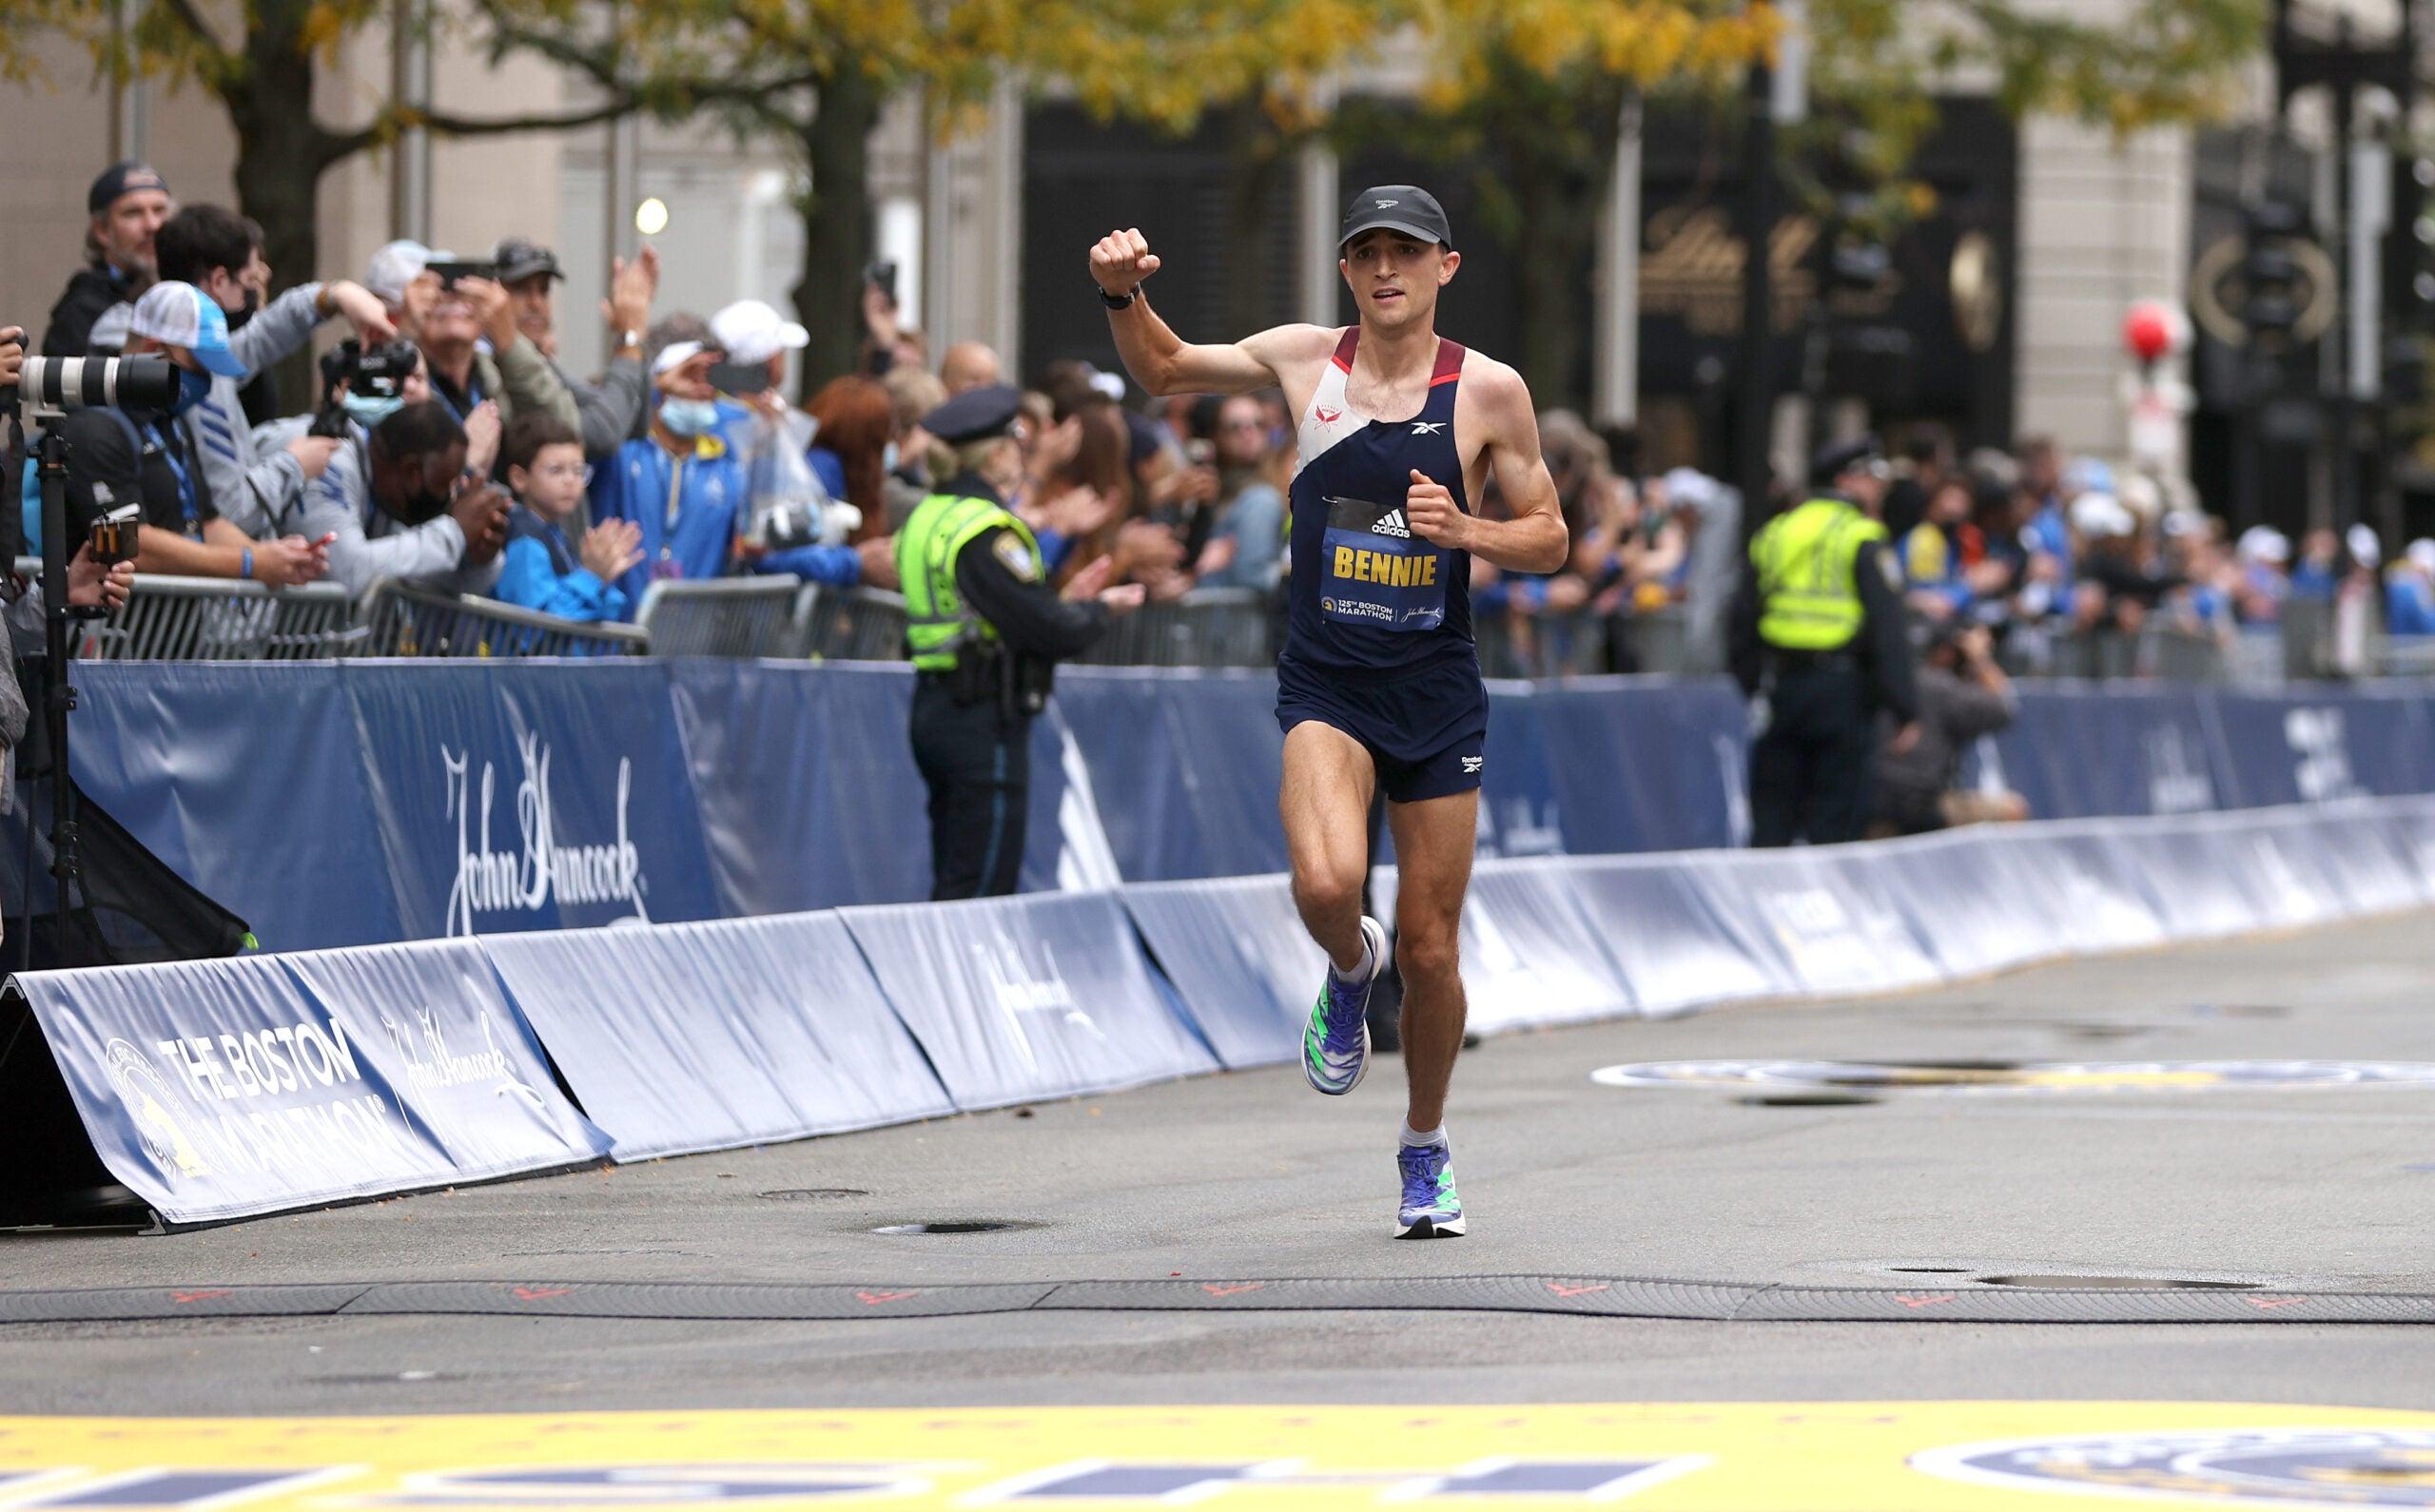 Colin Bennie Boston Marathon